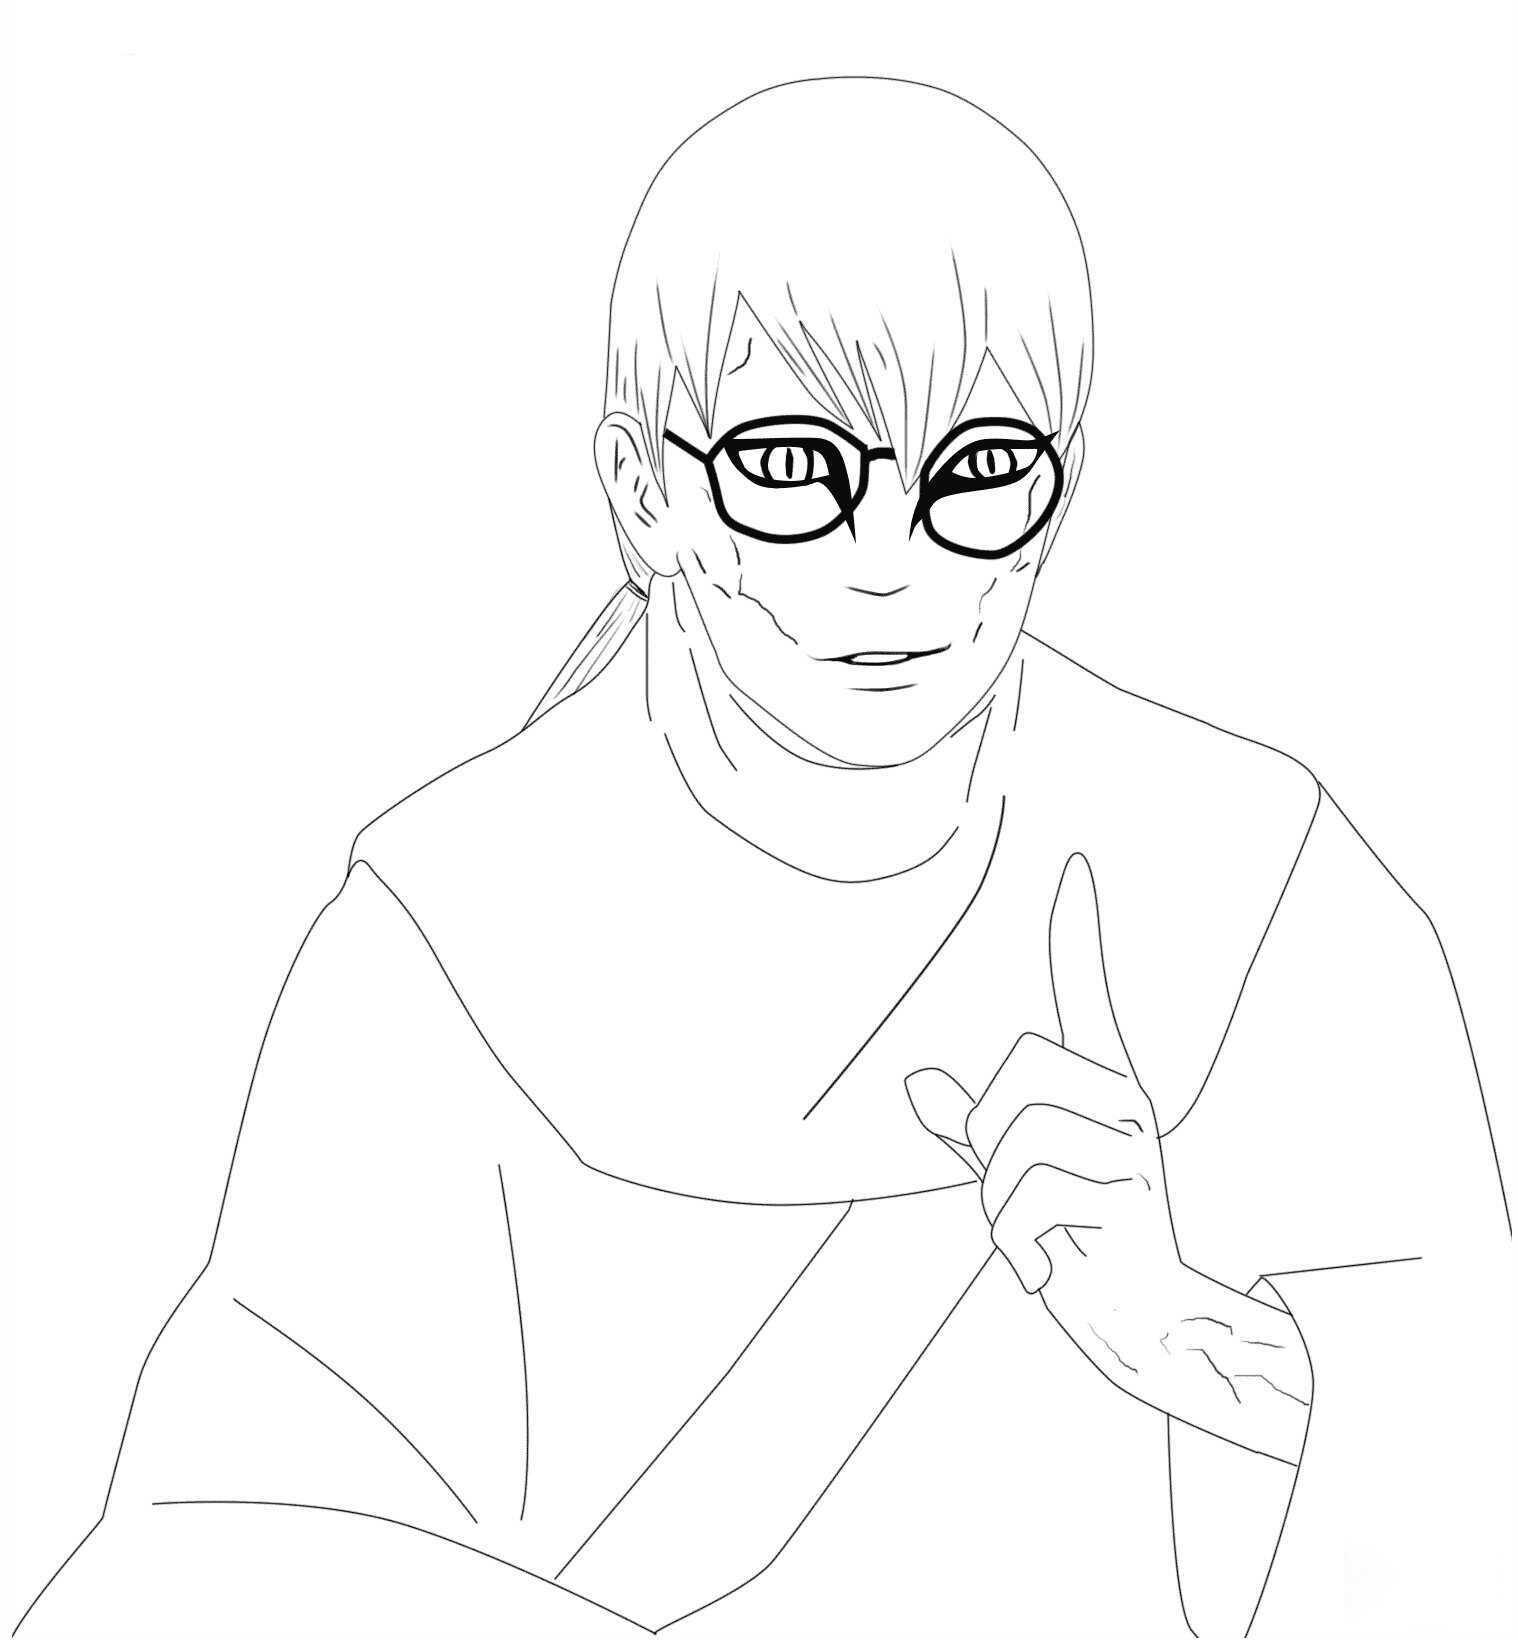 Dr.Kabuto Yakushi has snake eyes Coloring Pages